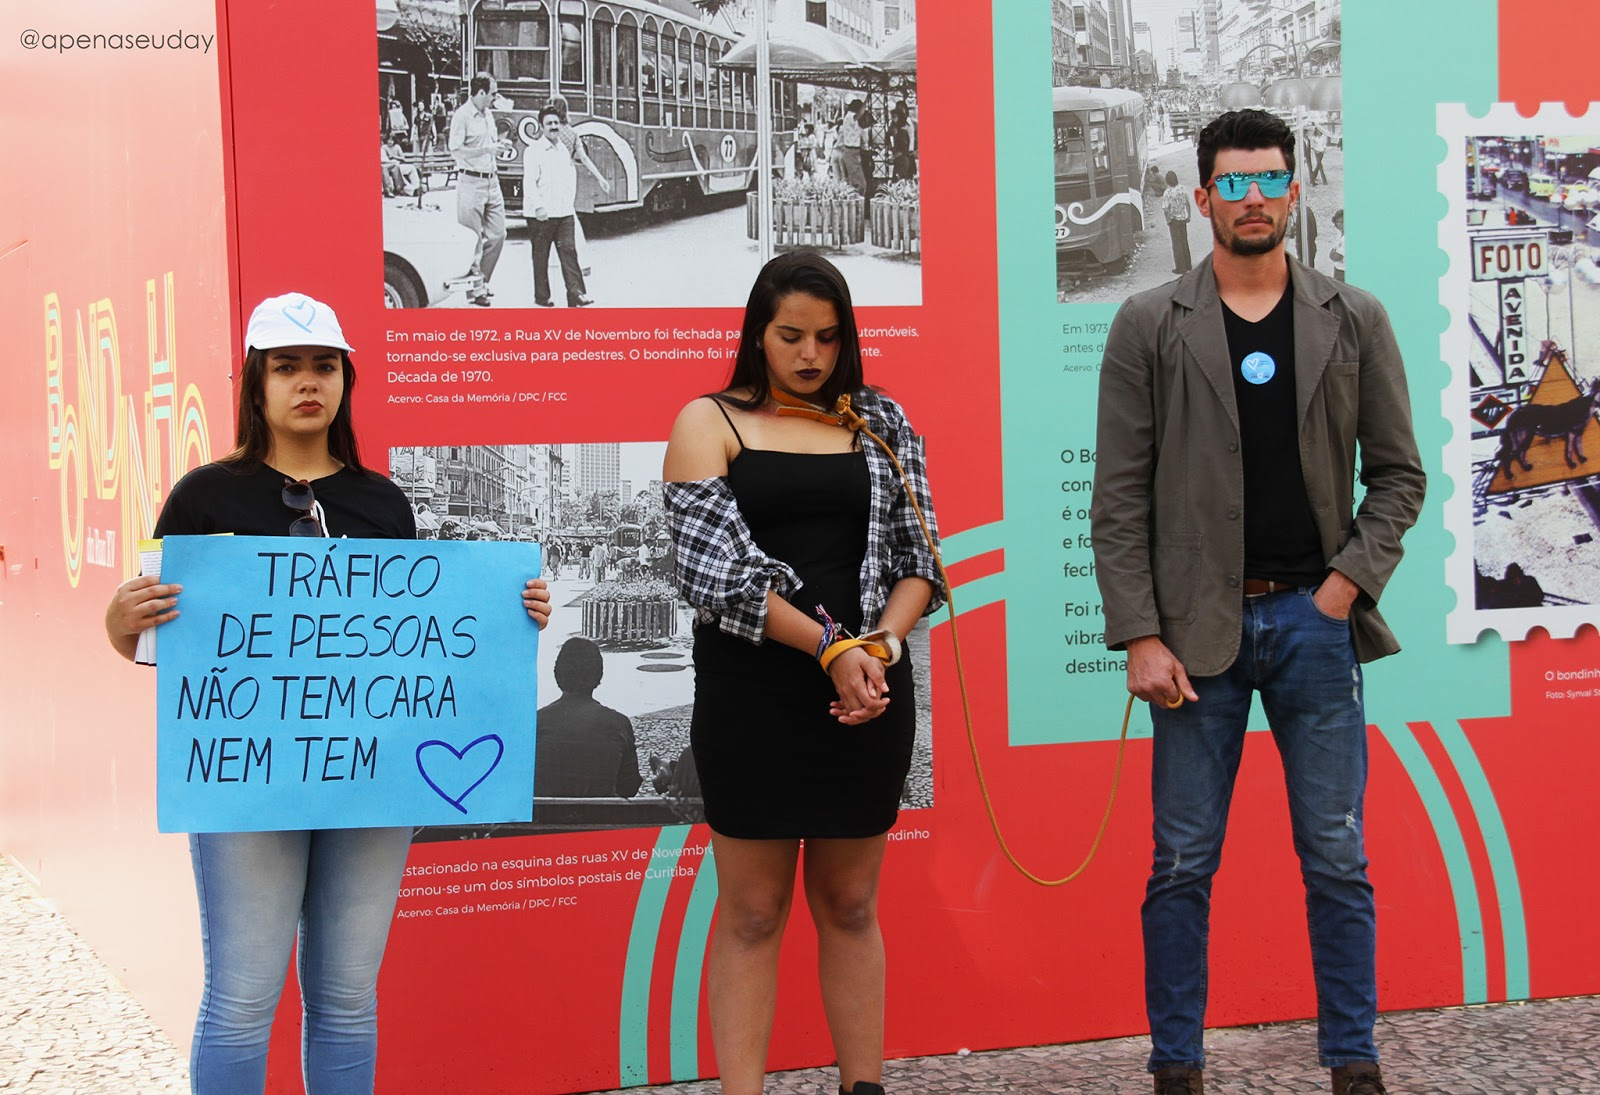 Saiba sobre a Semana de Enfrentamento ao Tráfico de Pessoas que foi realizado em Curitiba, campanha para alertar a população e conscientizar de um dos maiores crimes do mundo. Acesse agora!